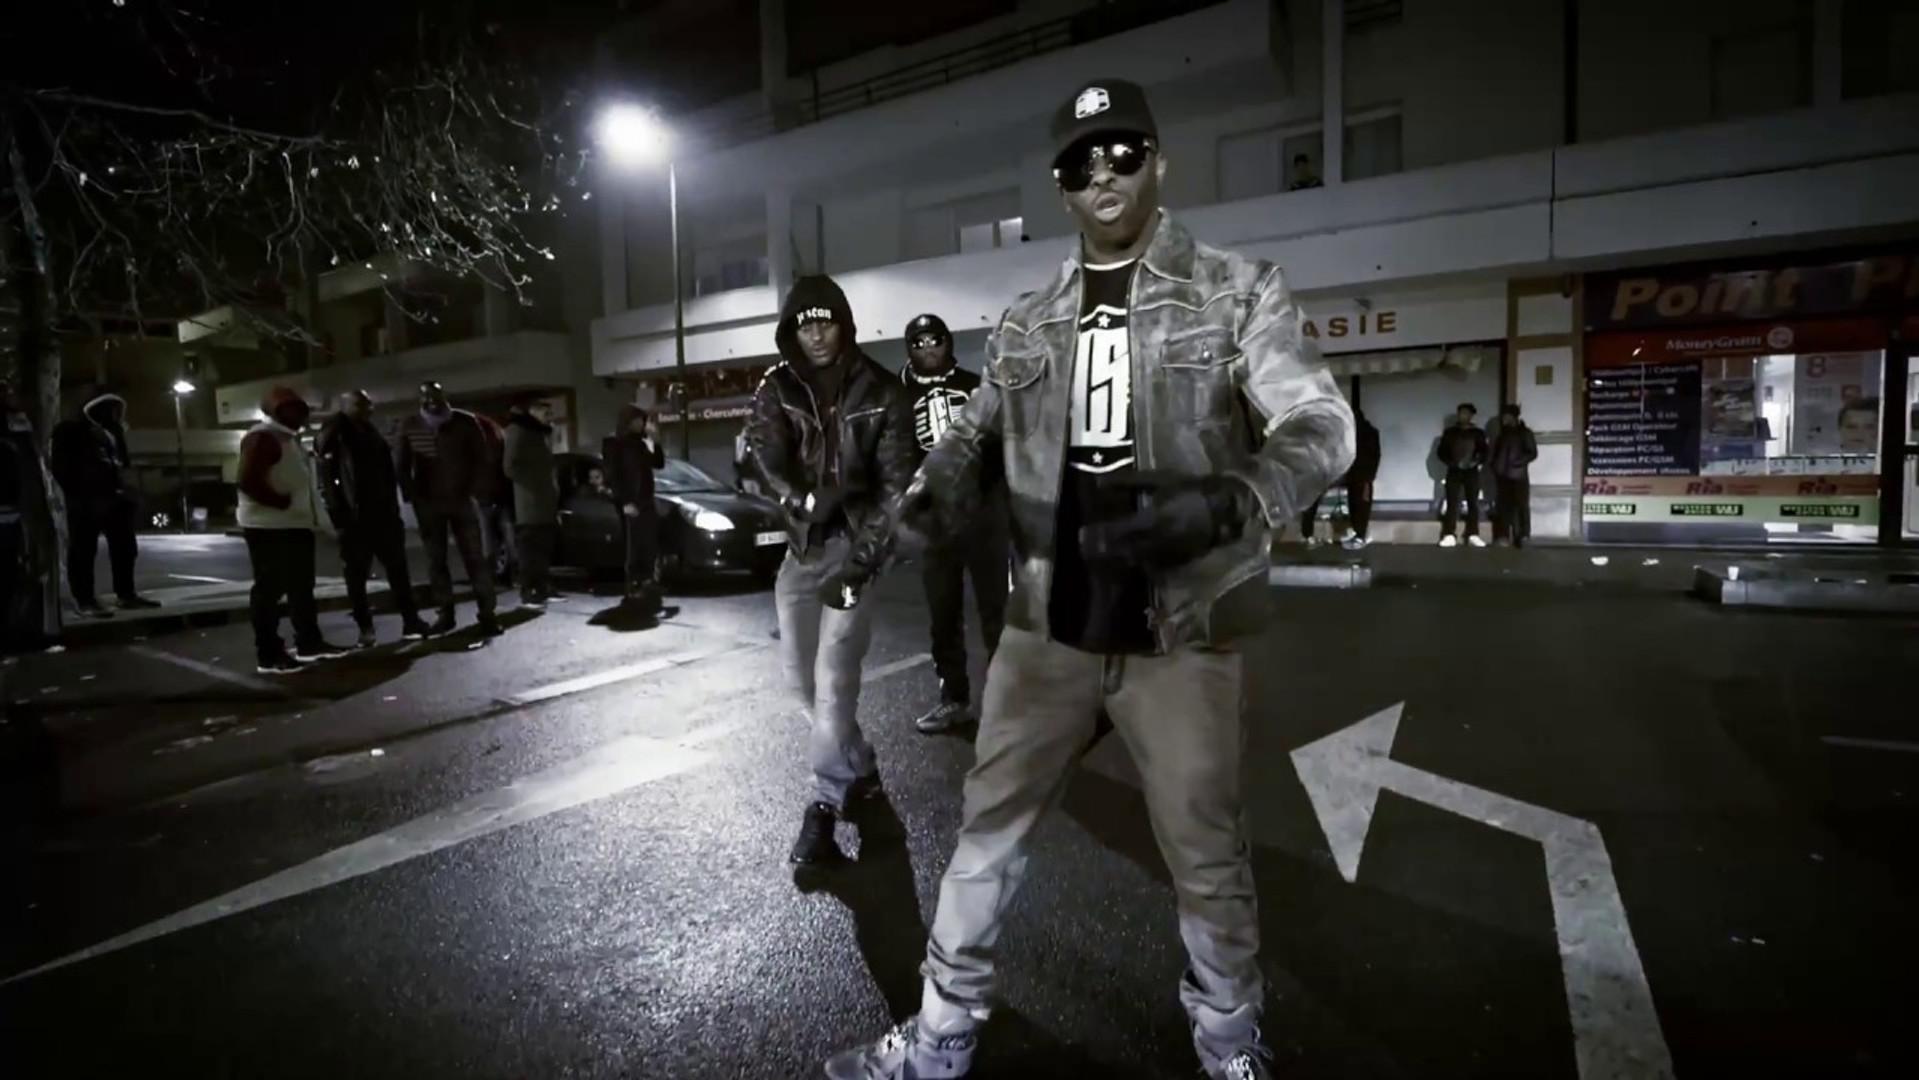 PPROS Feat AKNES - TOTALEMENT DANS L'AXXX 4